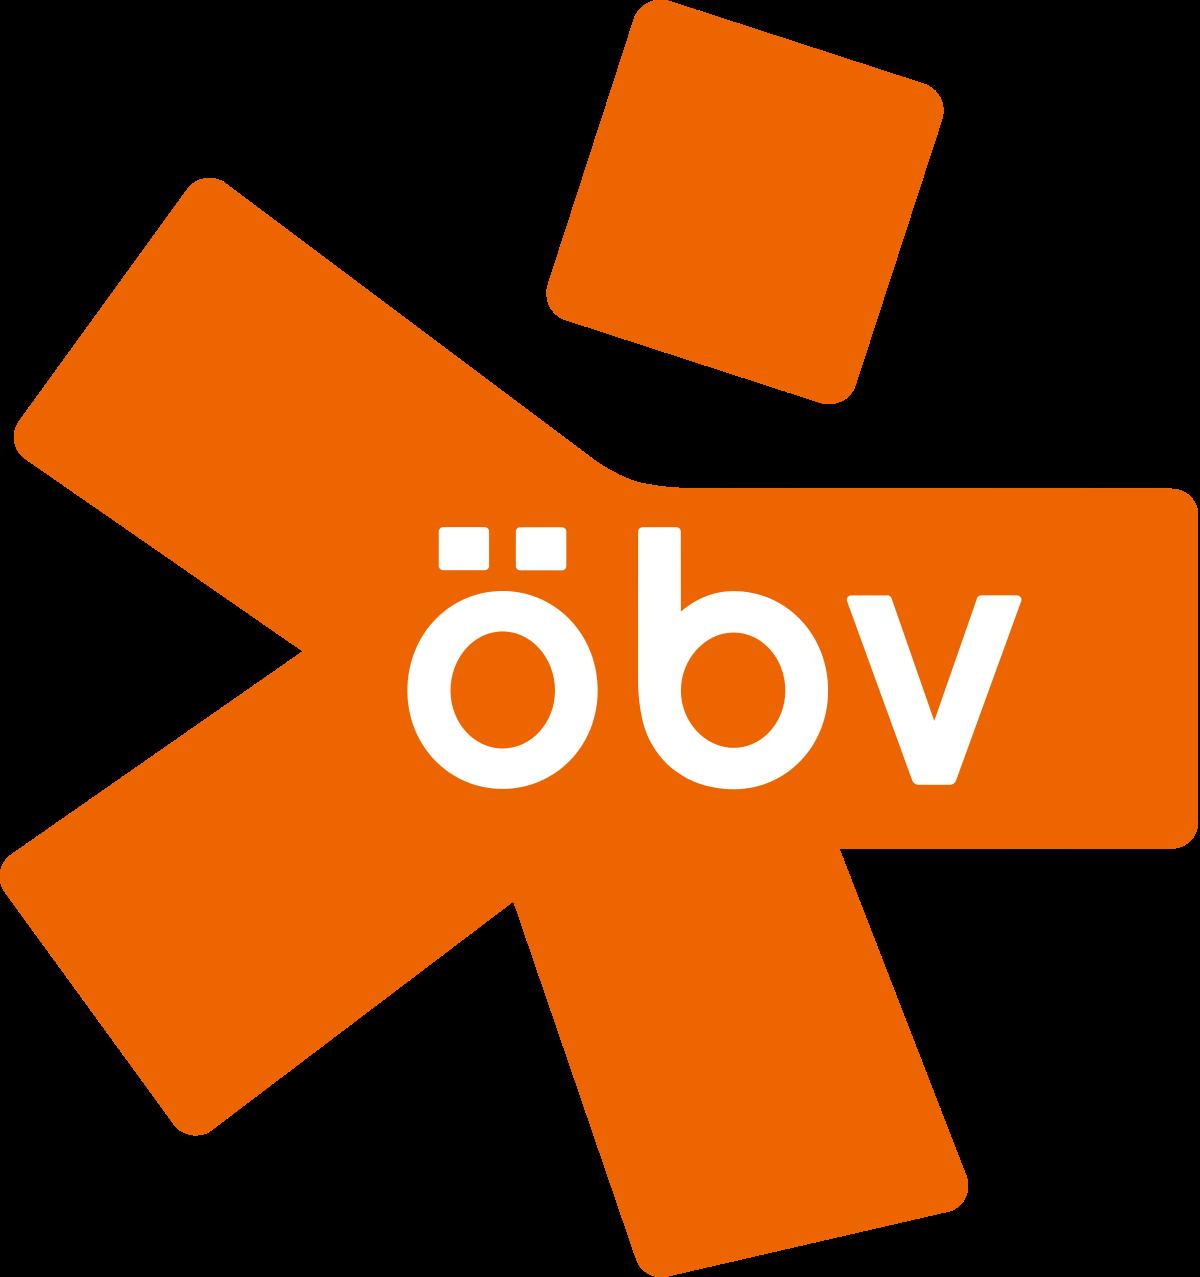 Referenz Logo: övb